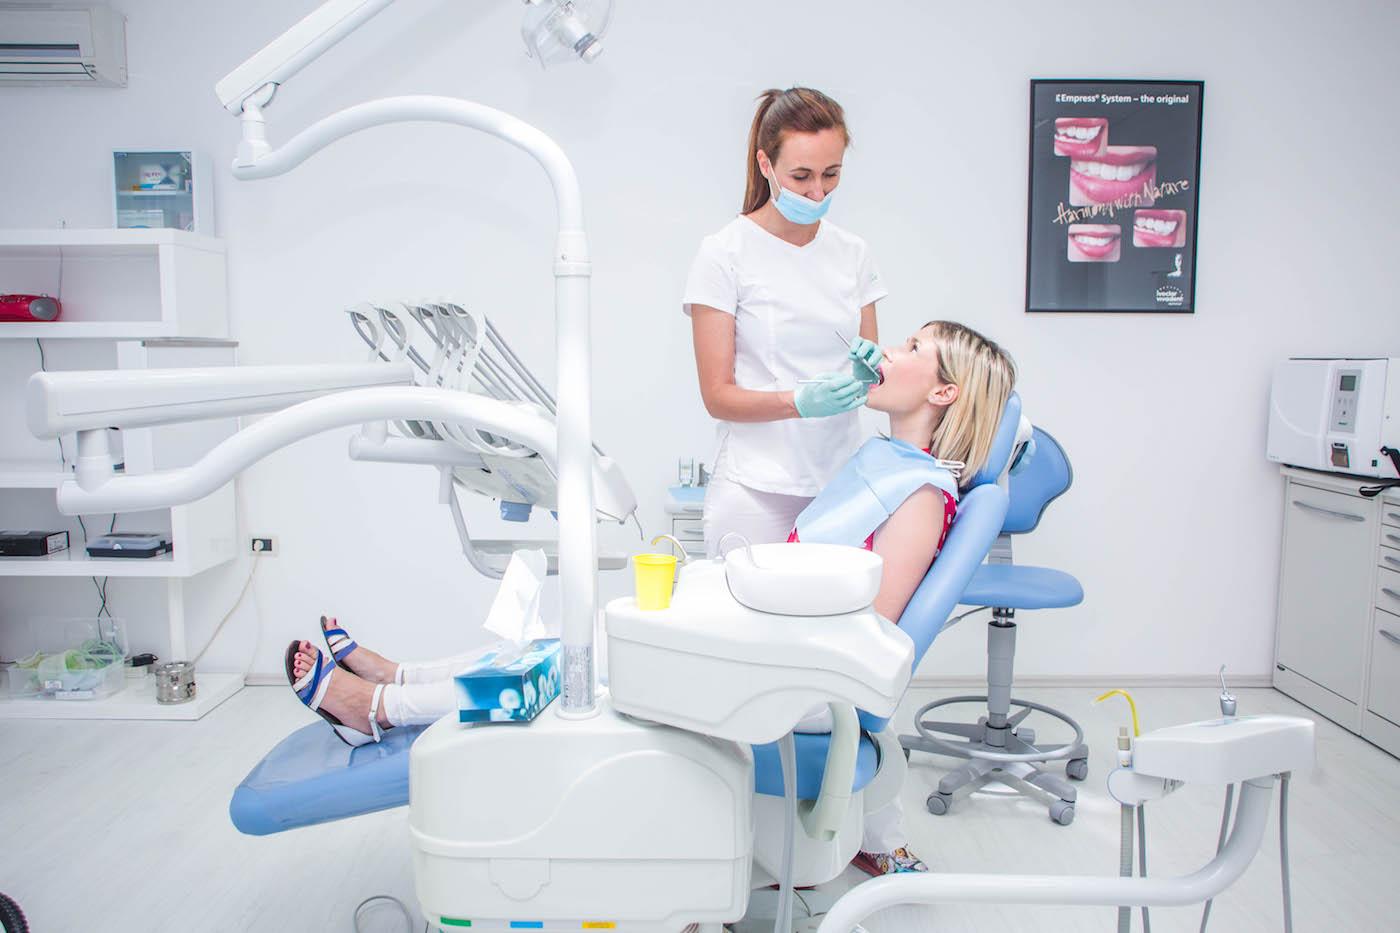 Galleria del sorriso - studio dentistico - Fiume